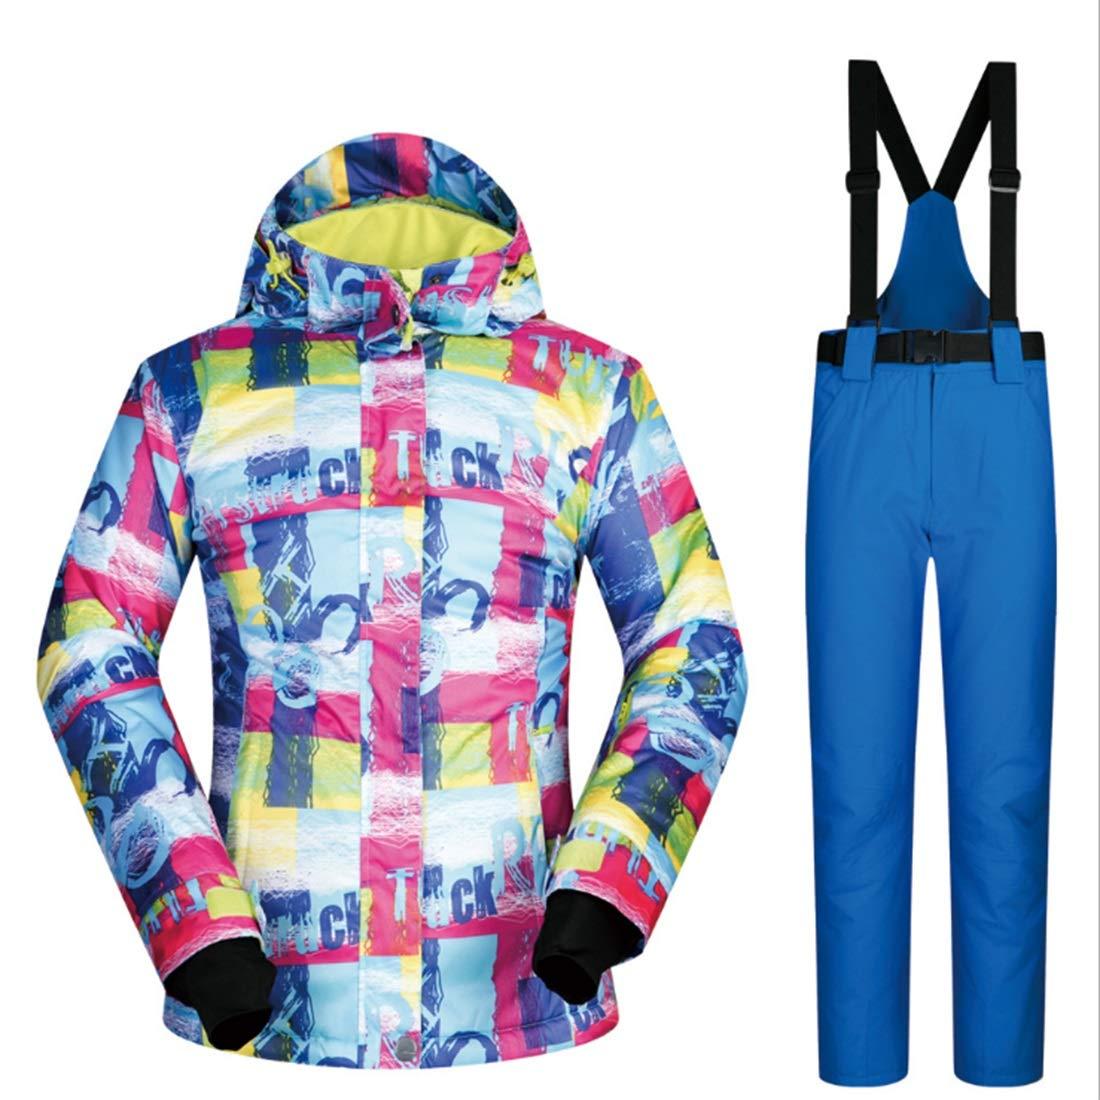 Haxibkena Giacca da Sci da da da Donna Impermeabile da Snowboard Antivento per l'escursionismo all'aperto (Coloree   05, Dimensione   XL)B07MR3Y327M 03 | Stili diversi  | Colori vivaci  | Qualità primaria  | La Vendita Calda  | Sensazione Di Comfort  | Ha  912be2